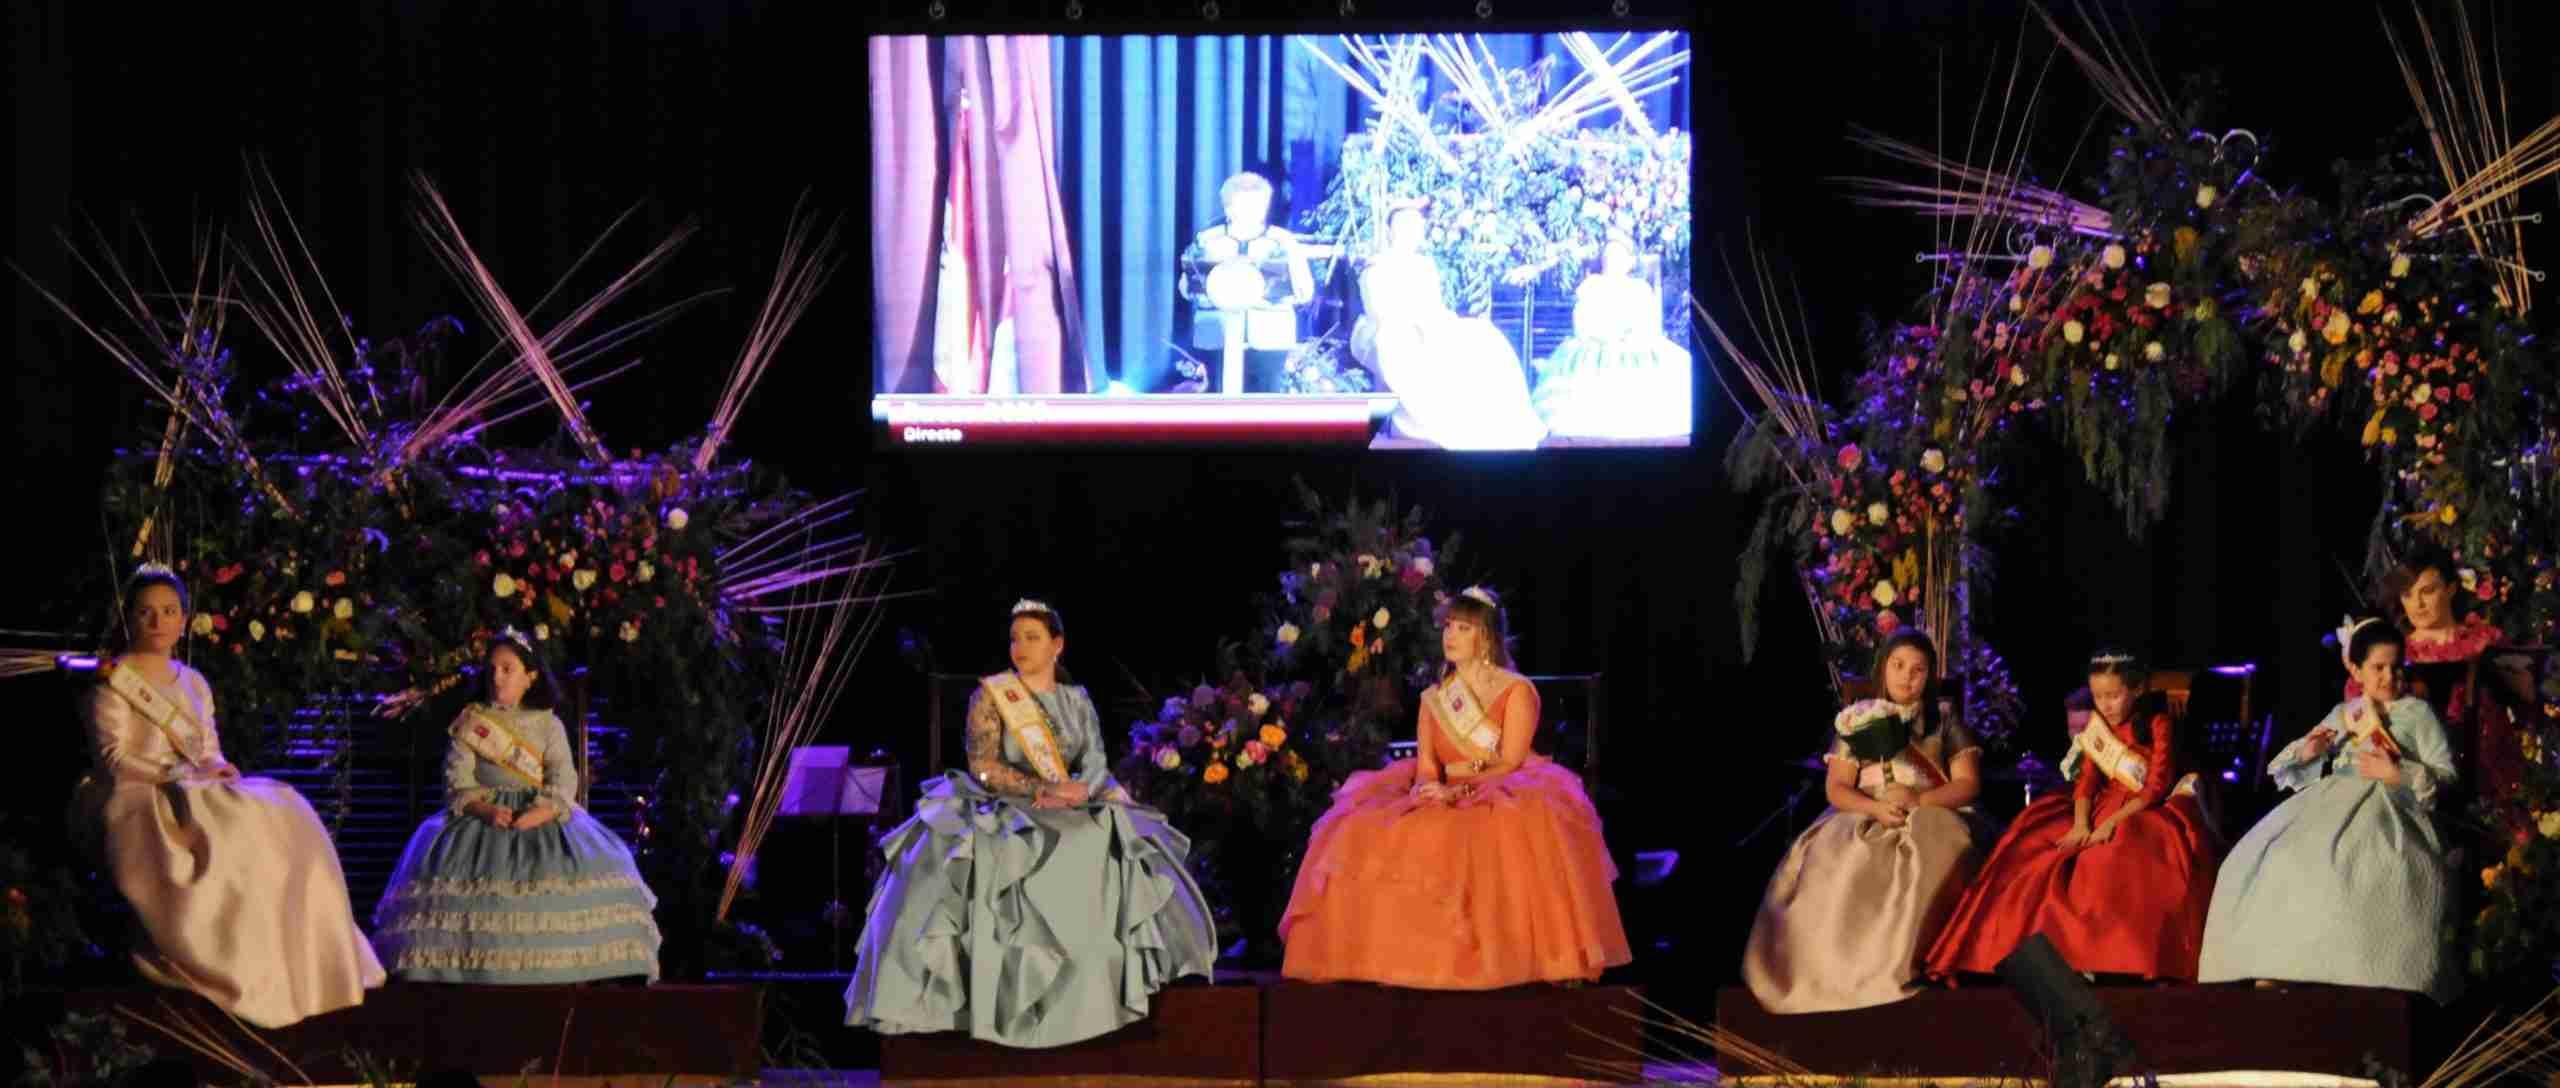 Villarta de San Juan inaugura oficialmente Las Paces, sus fiestas en honor a la Virgen de la Paz 32